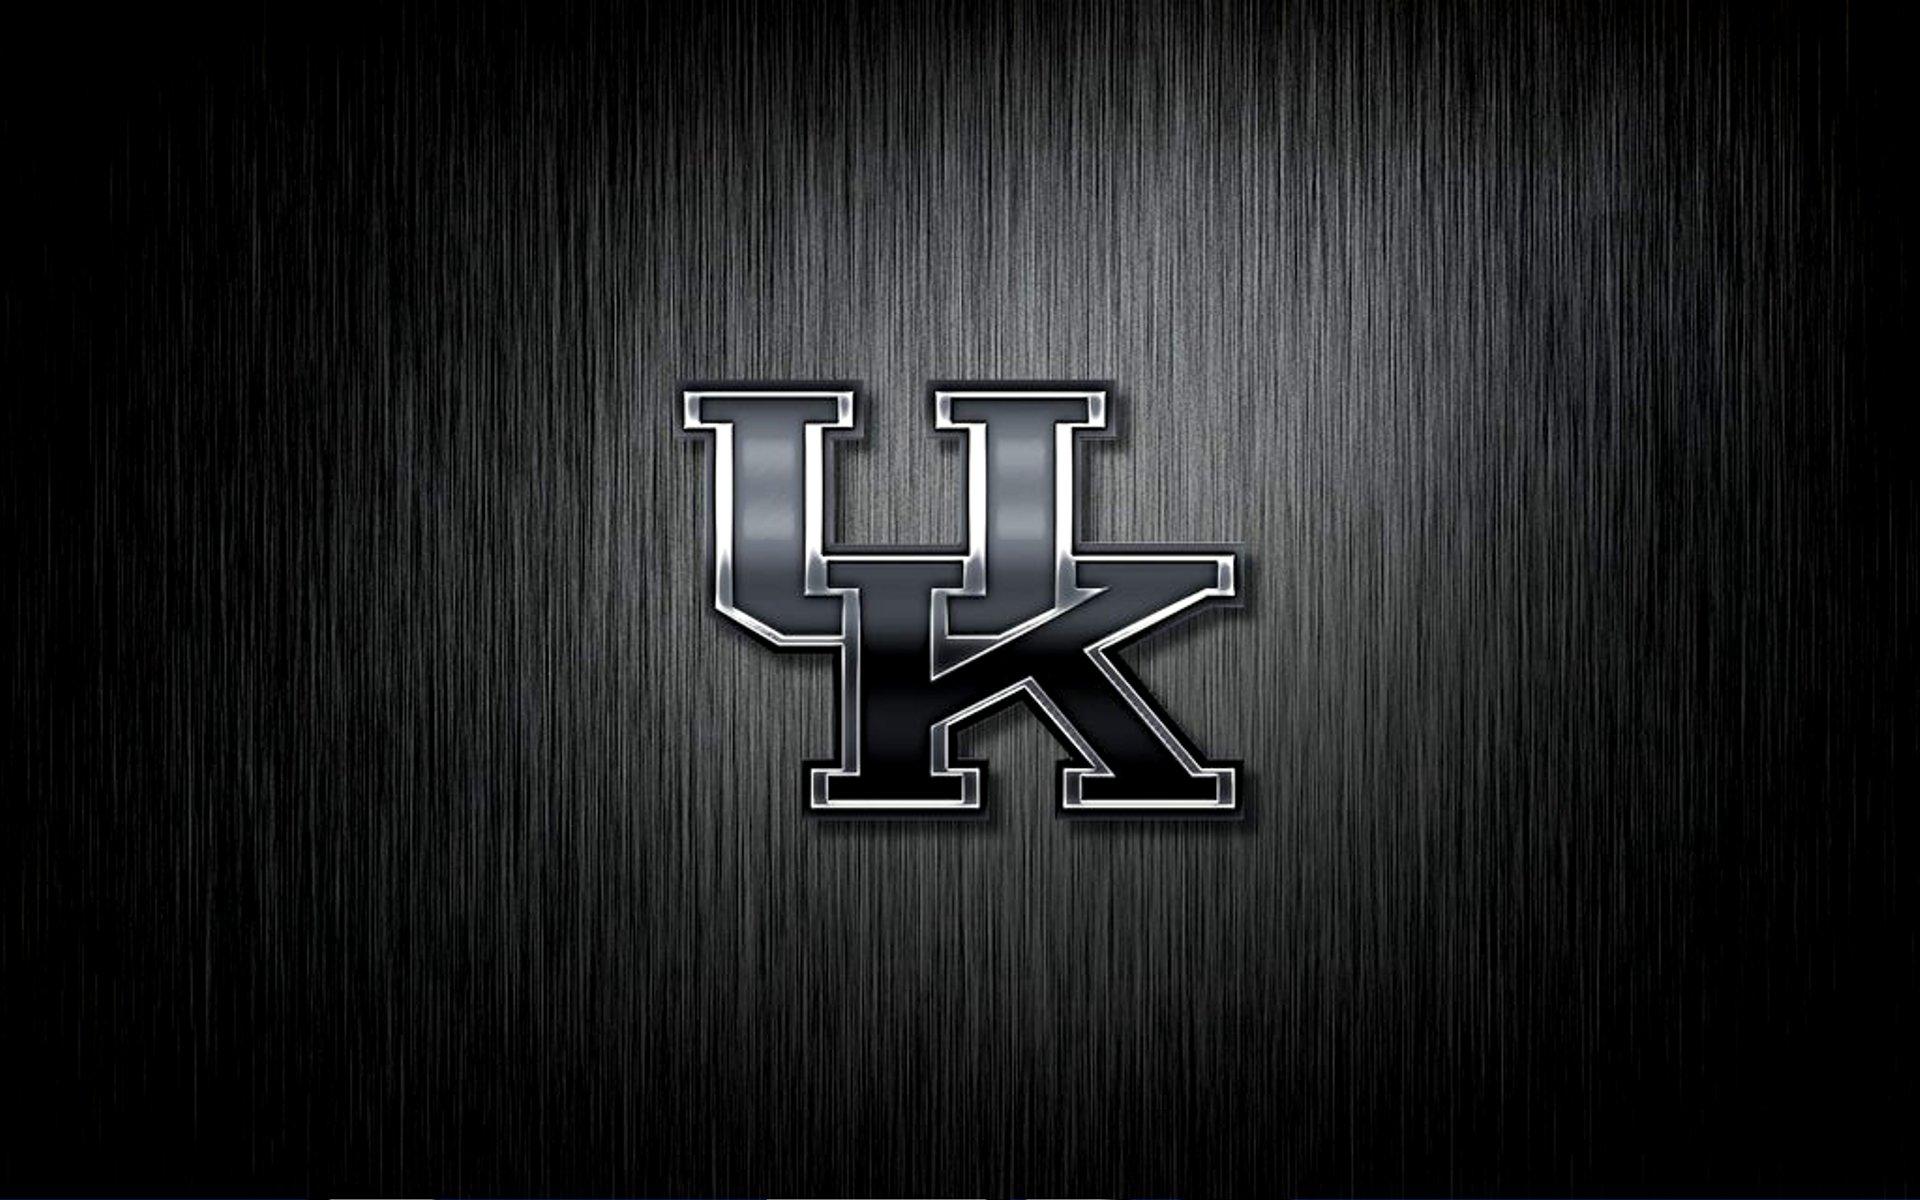 Uk Basketball Wallpaper: Kentucky Basketball Wallpapers (47 Wallpapers)